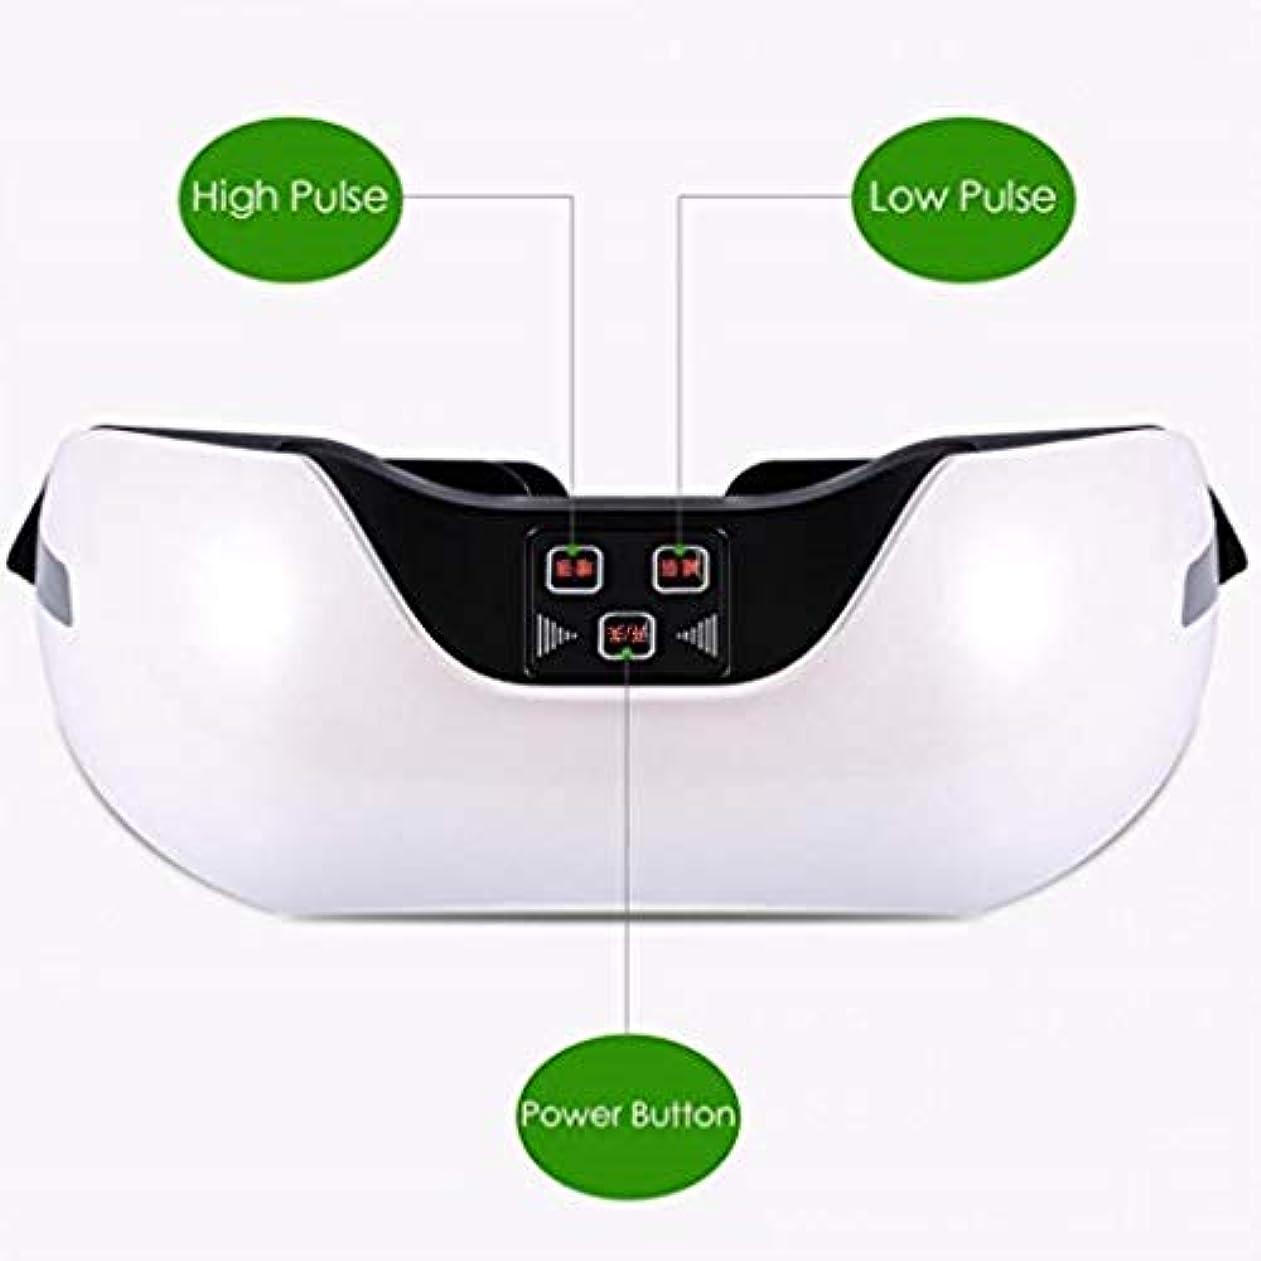 非アクティブ祖父母を訪問リスナー近視の予防のための視力回復器具トレーニングアイマッサージ器具 (Color : White)